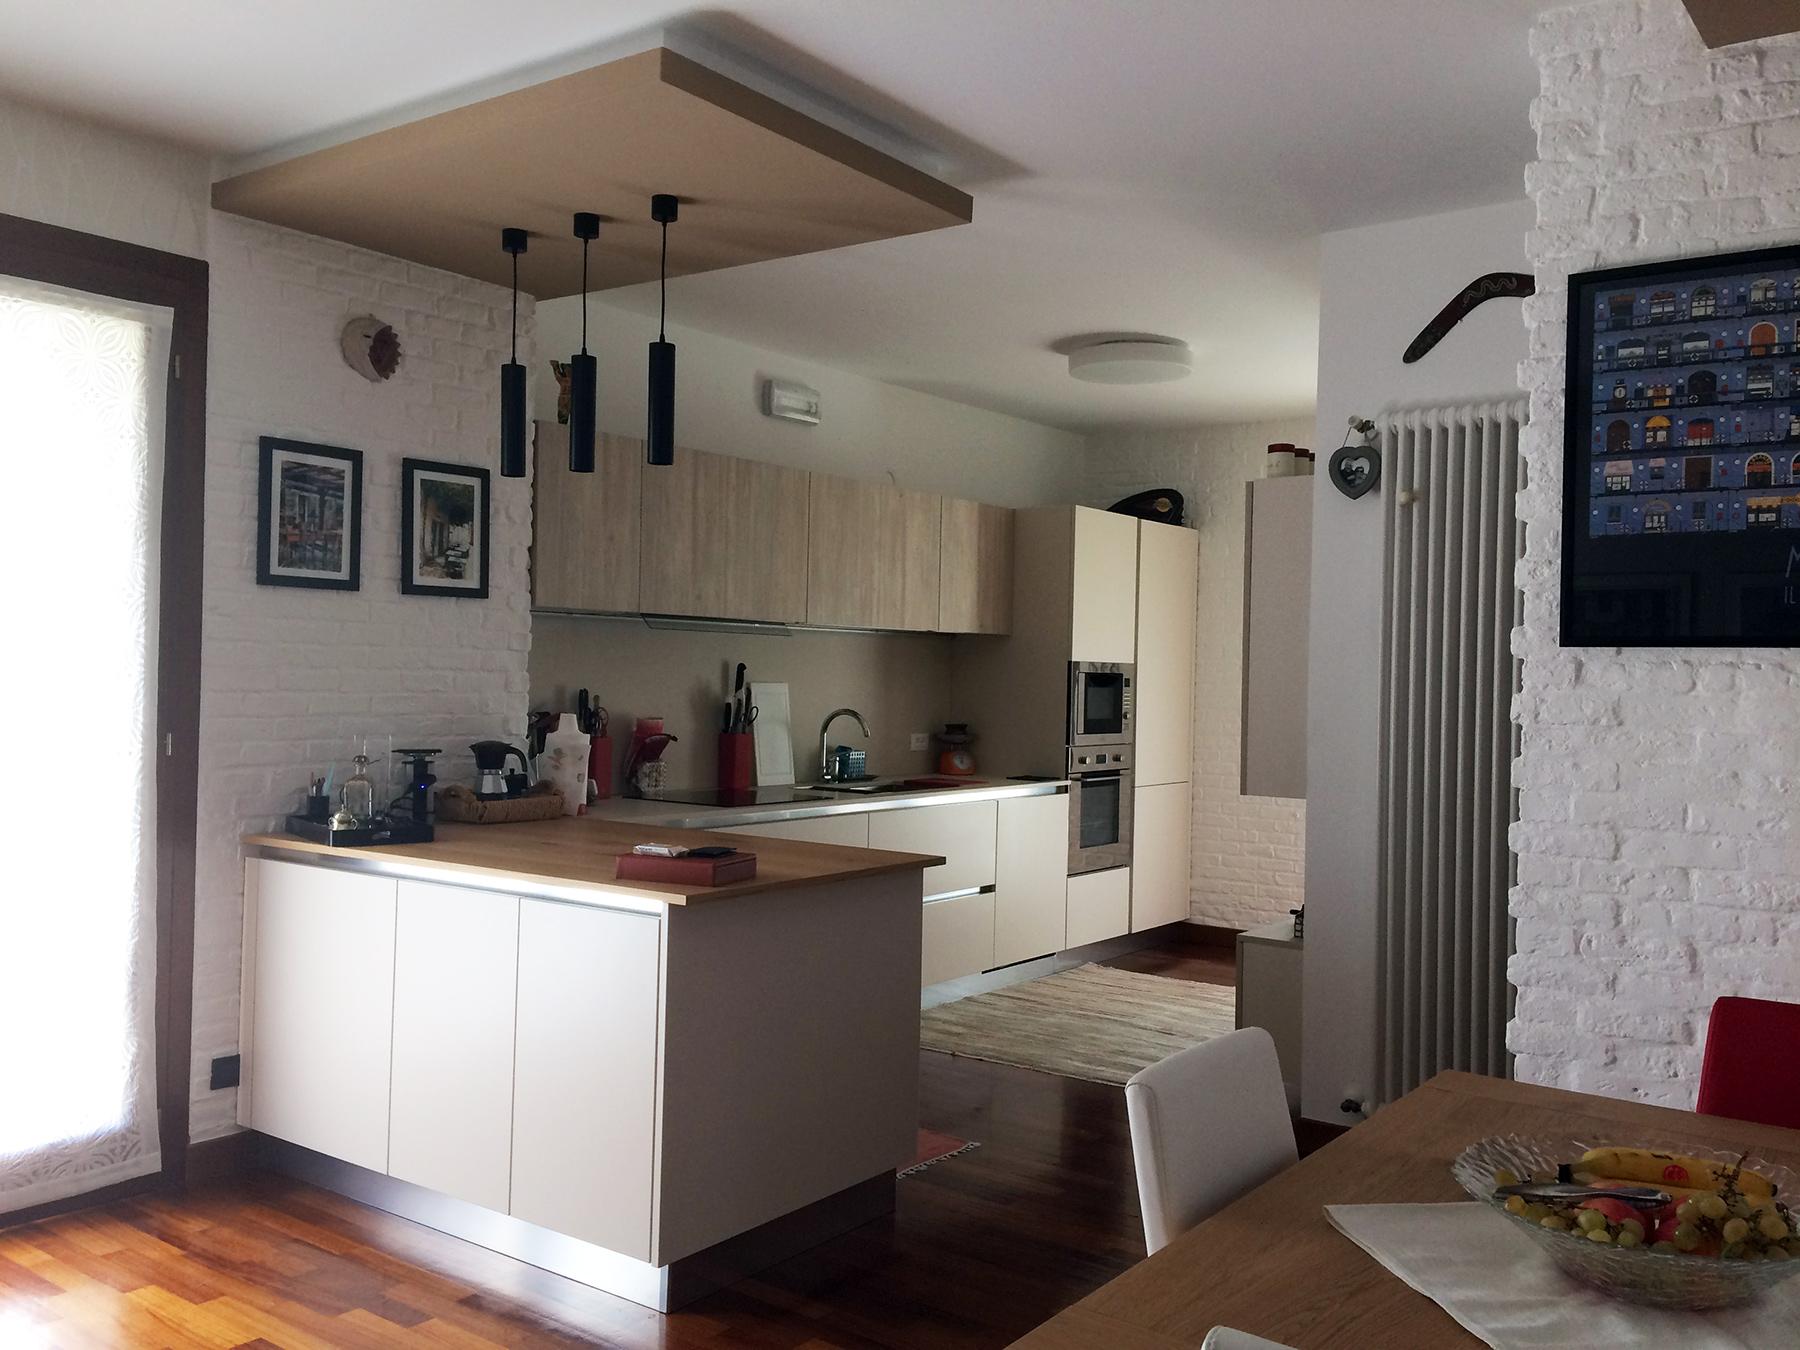 Cucina Spagnol modello Maryland, tavolo Pizzolato in una casa privata a Cornuda (TV) - Stanza per Stanza Arredamenti